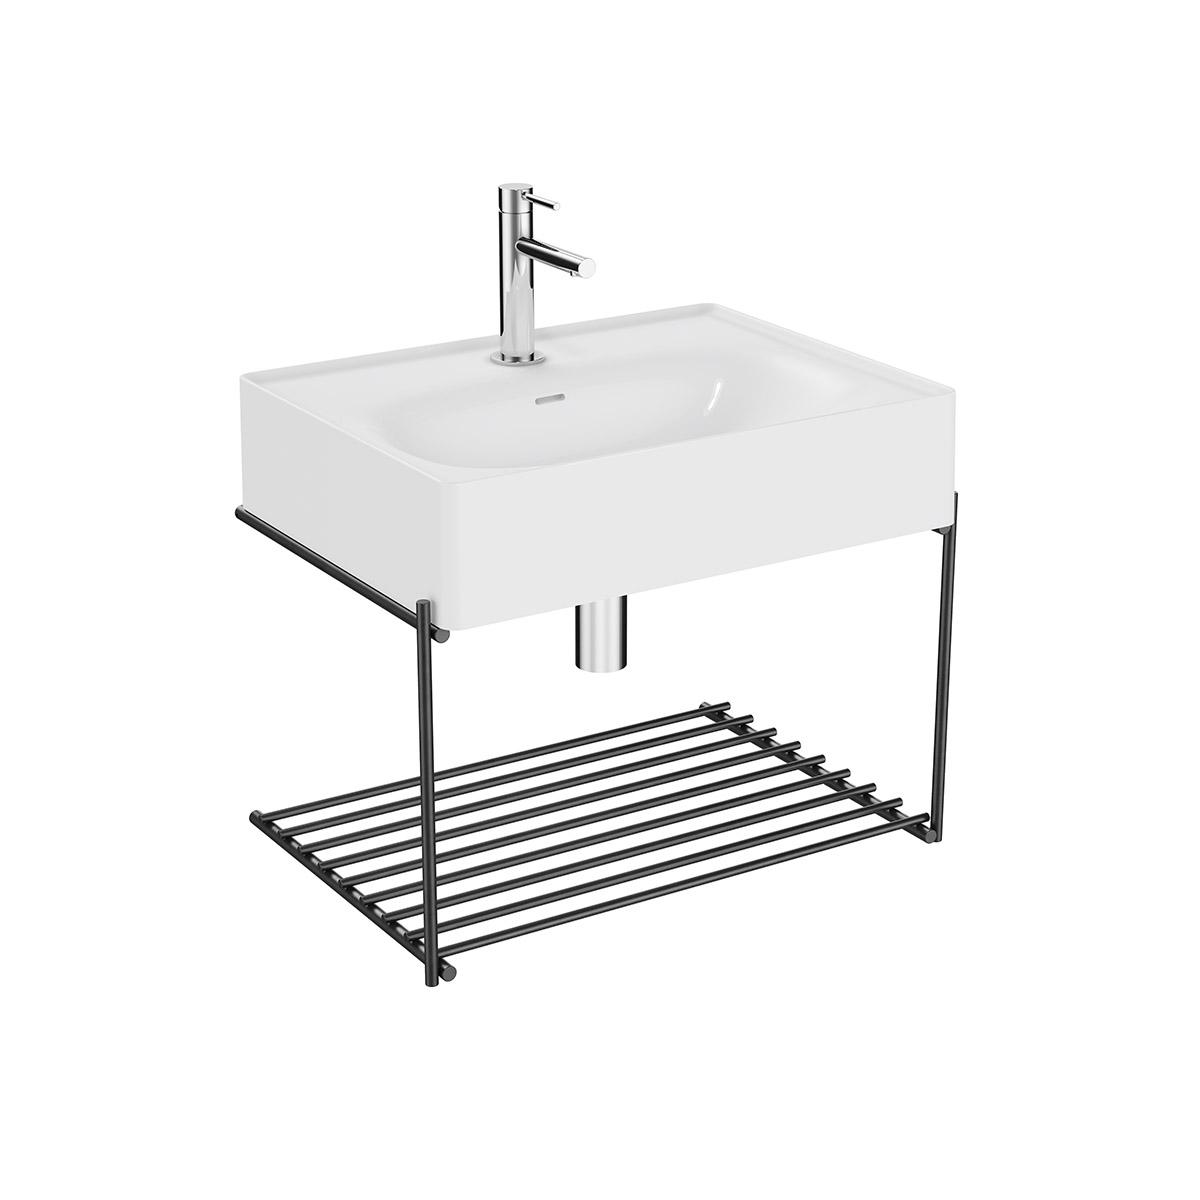 Equal Set Waschtisch, 60 cm, mit Ablagegitter, Weiß Hochglanz/Schwarz Matt